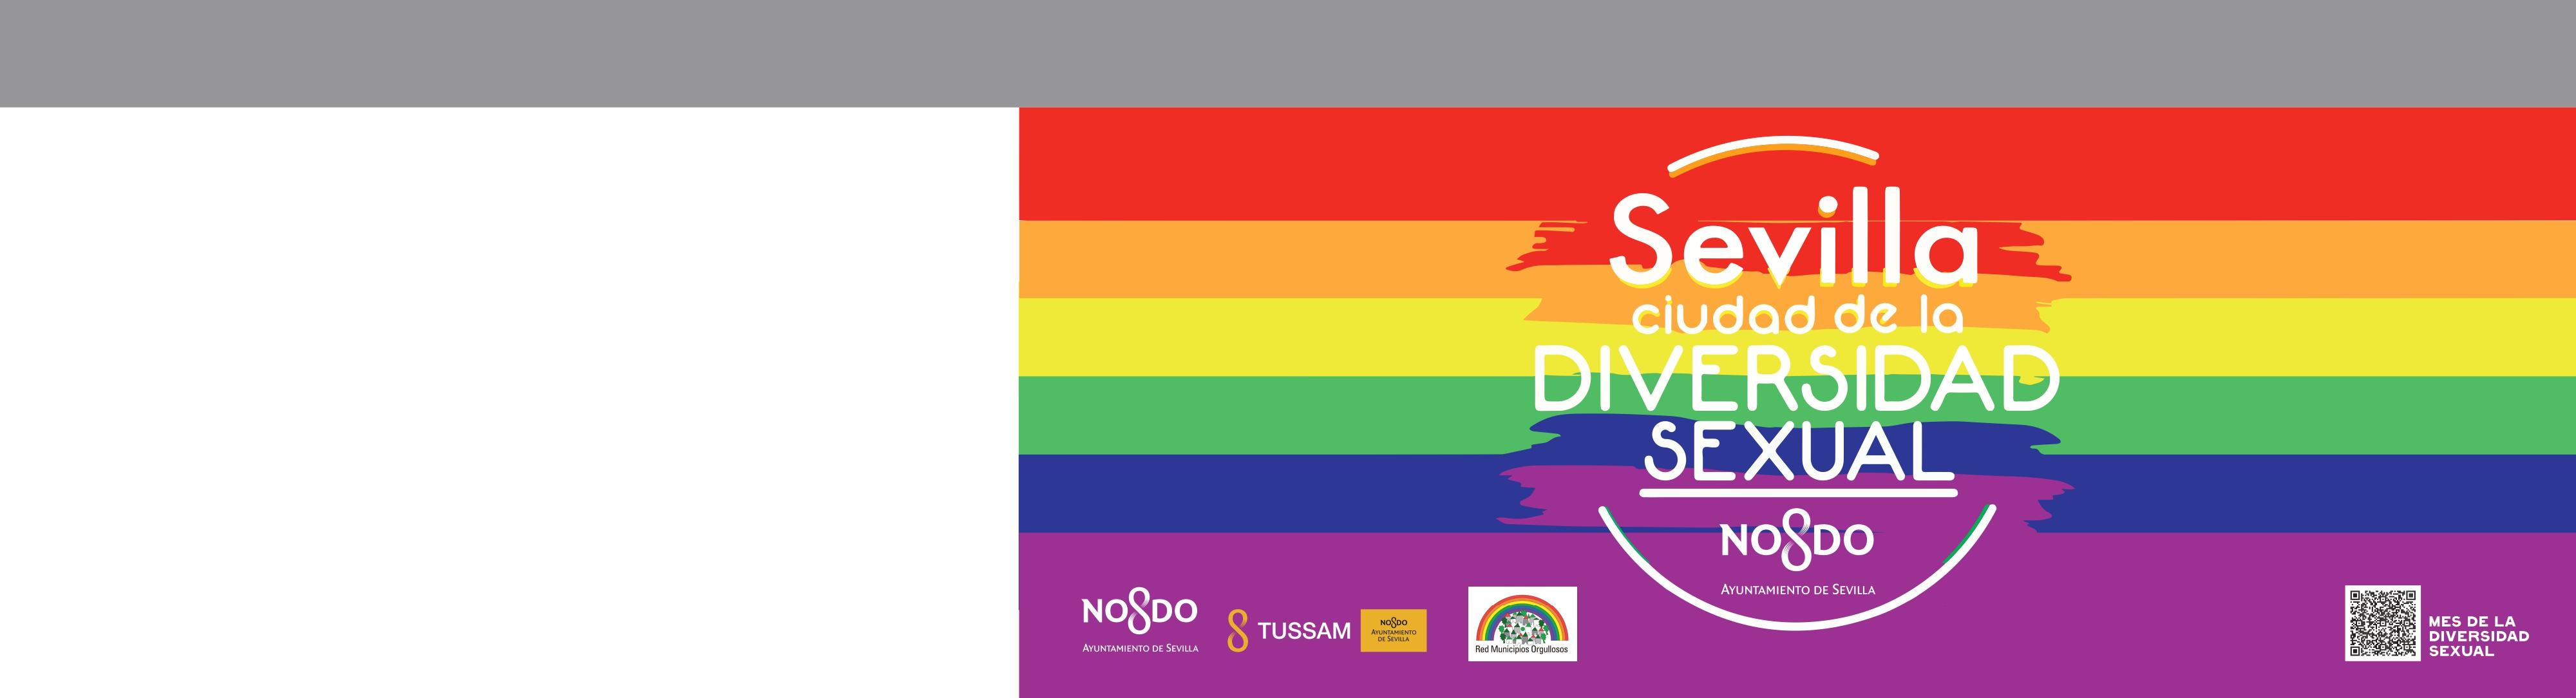 Junio es el Mes de la Diversidad Sexual 2021, para concienciar de los derechos del colectivo LGTBI.